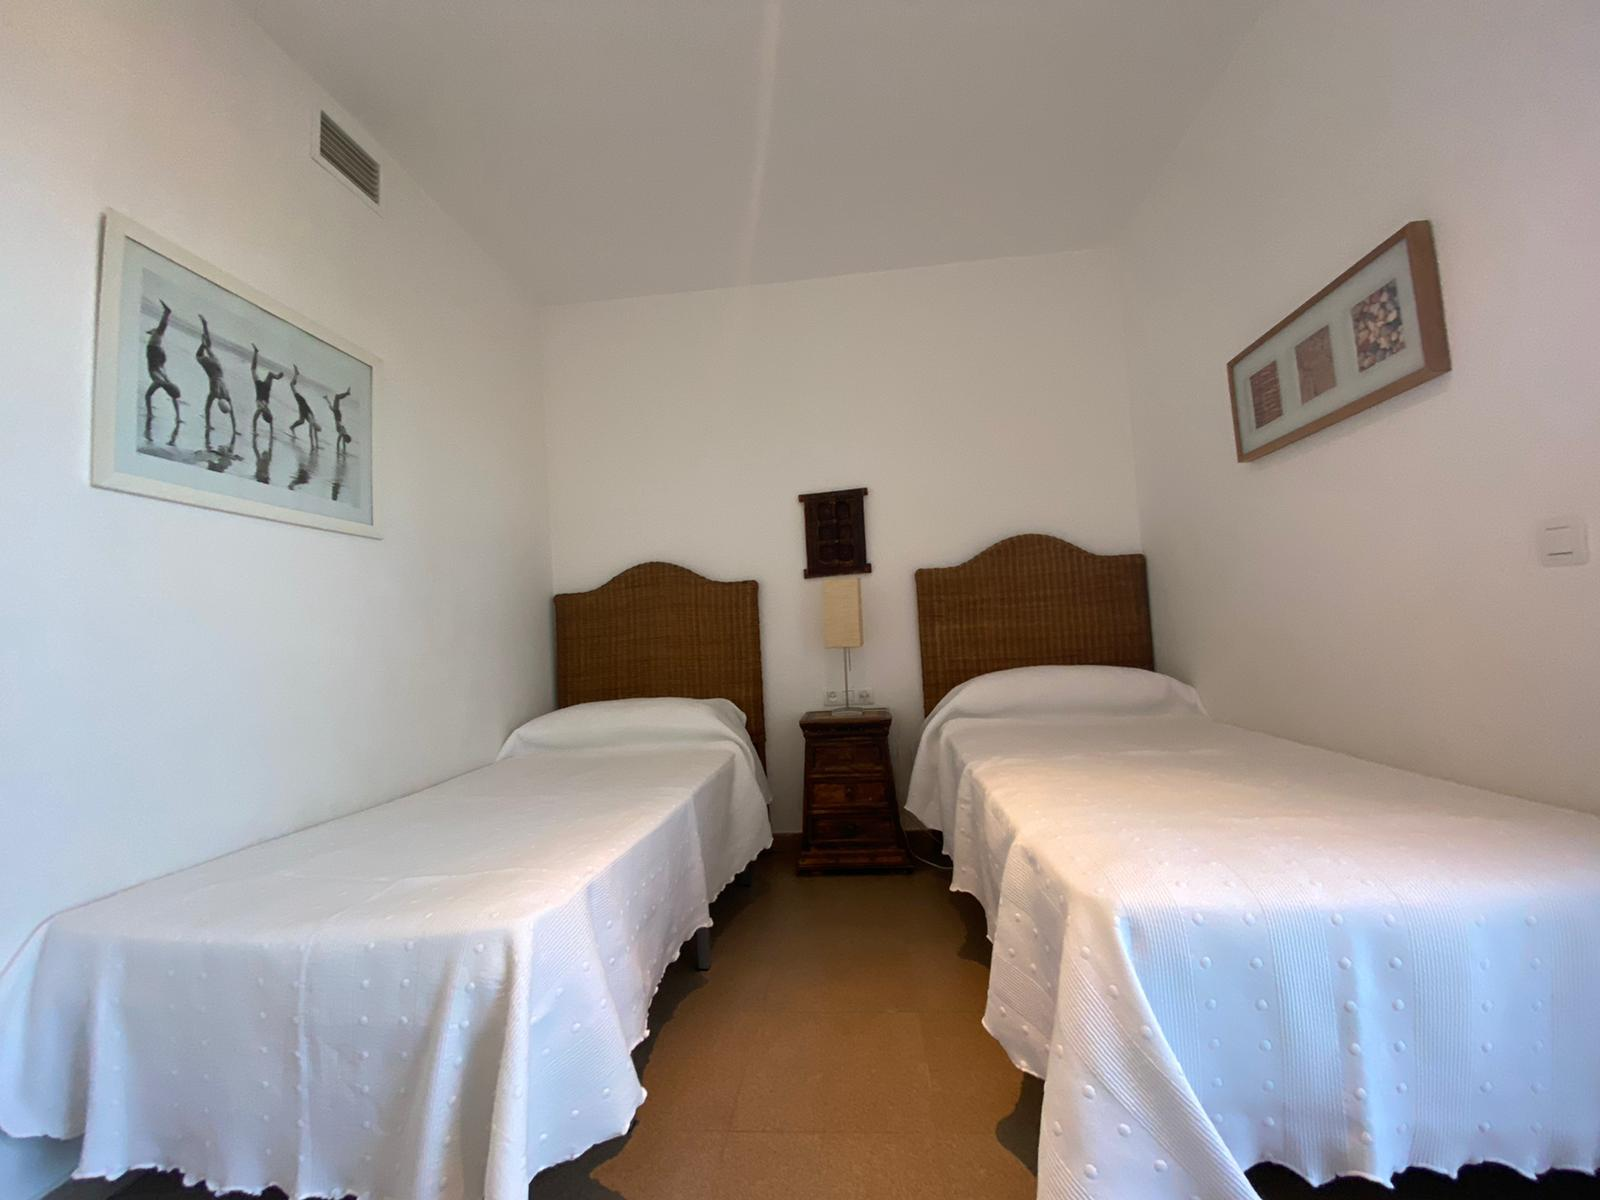 Imagen 27 del Apartamento Turístico, Ático 4 Levante, Frontal (4d+2b), Punta del Moral (HUELVA), Paseo de la Cruz nº22